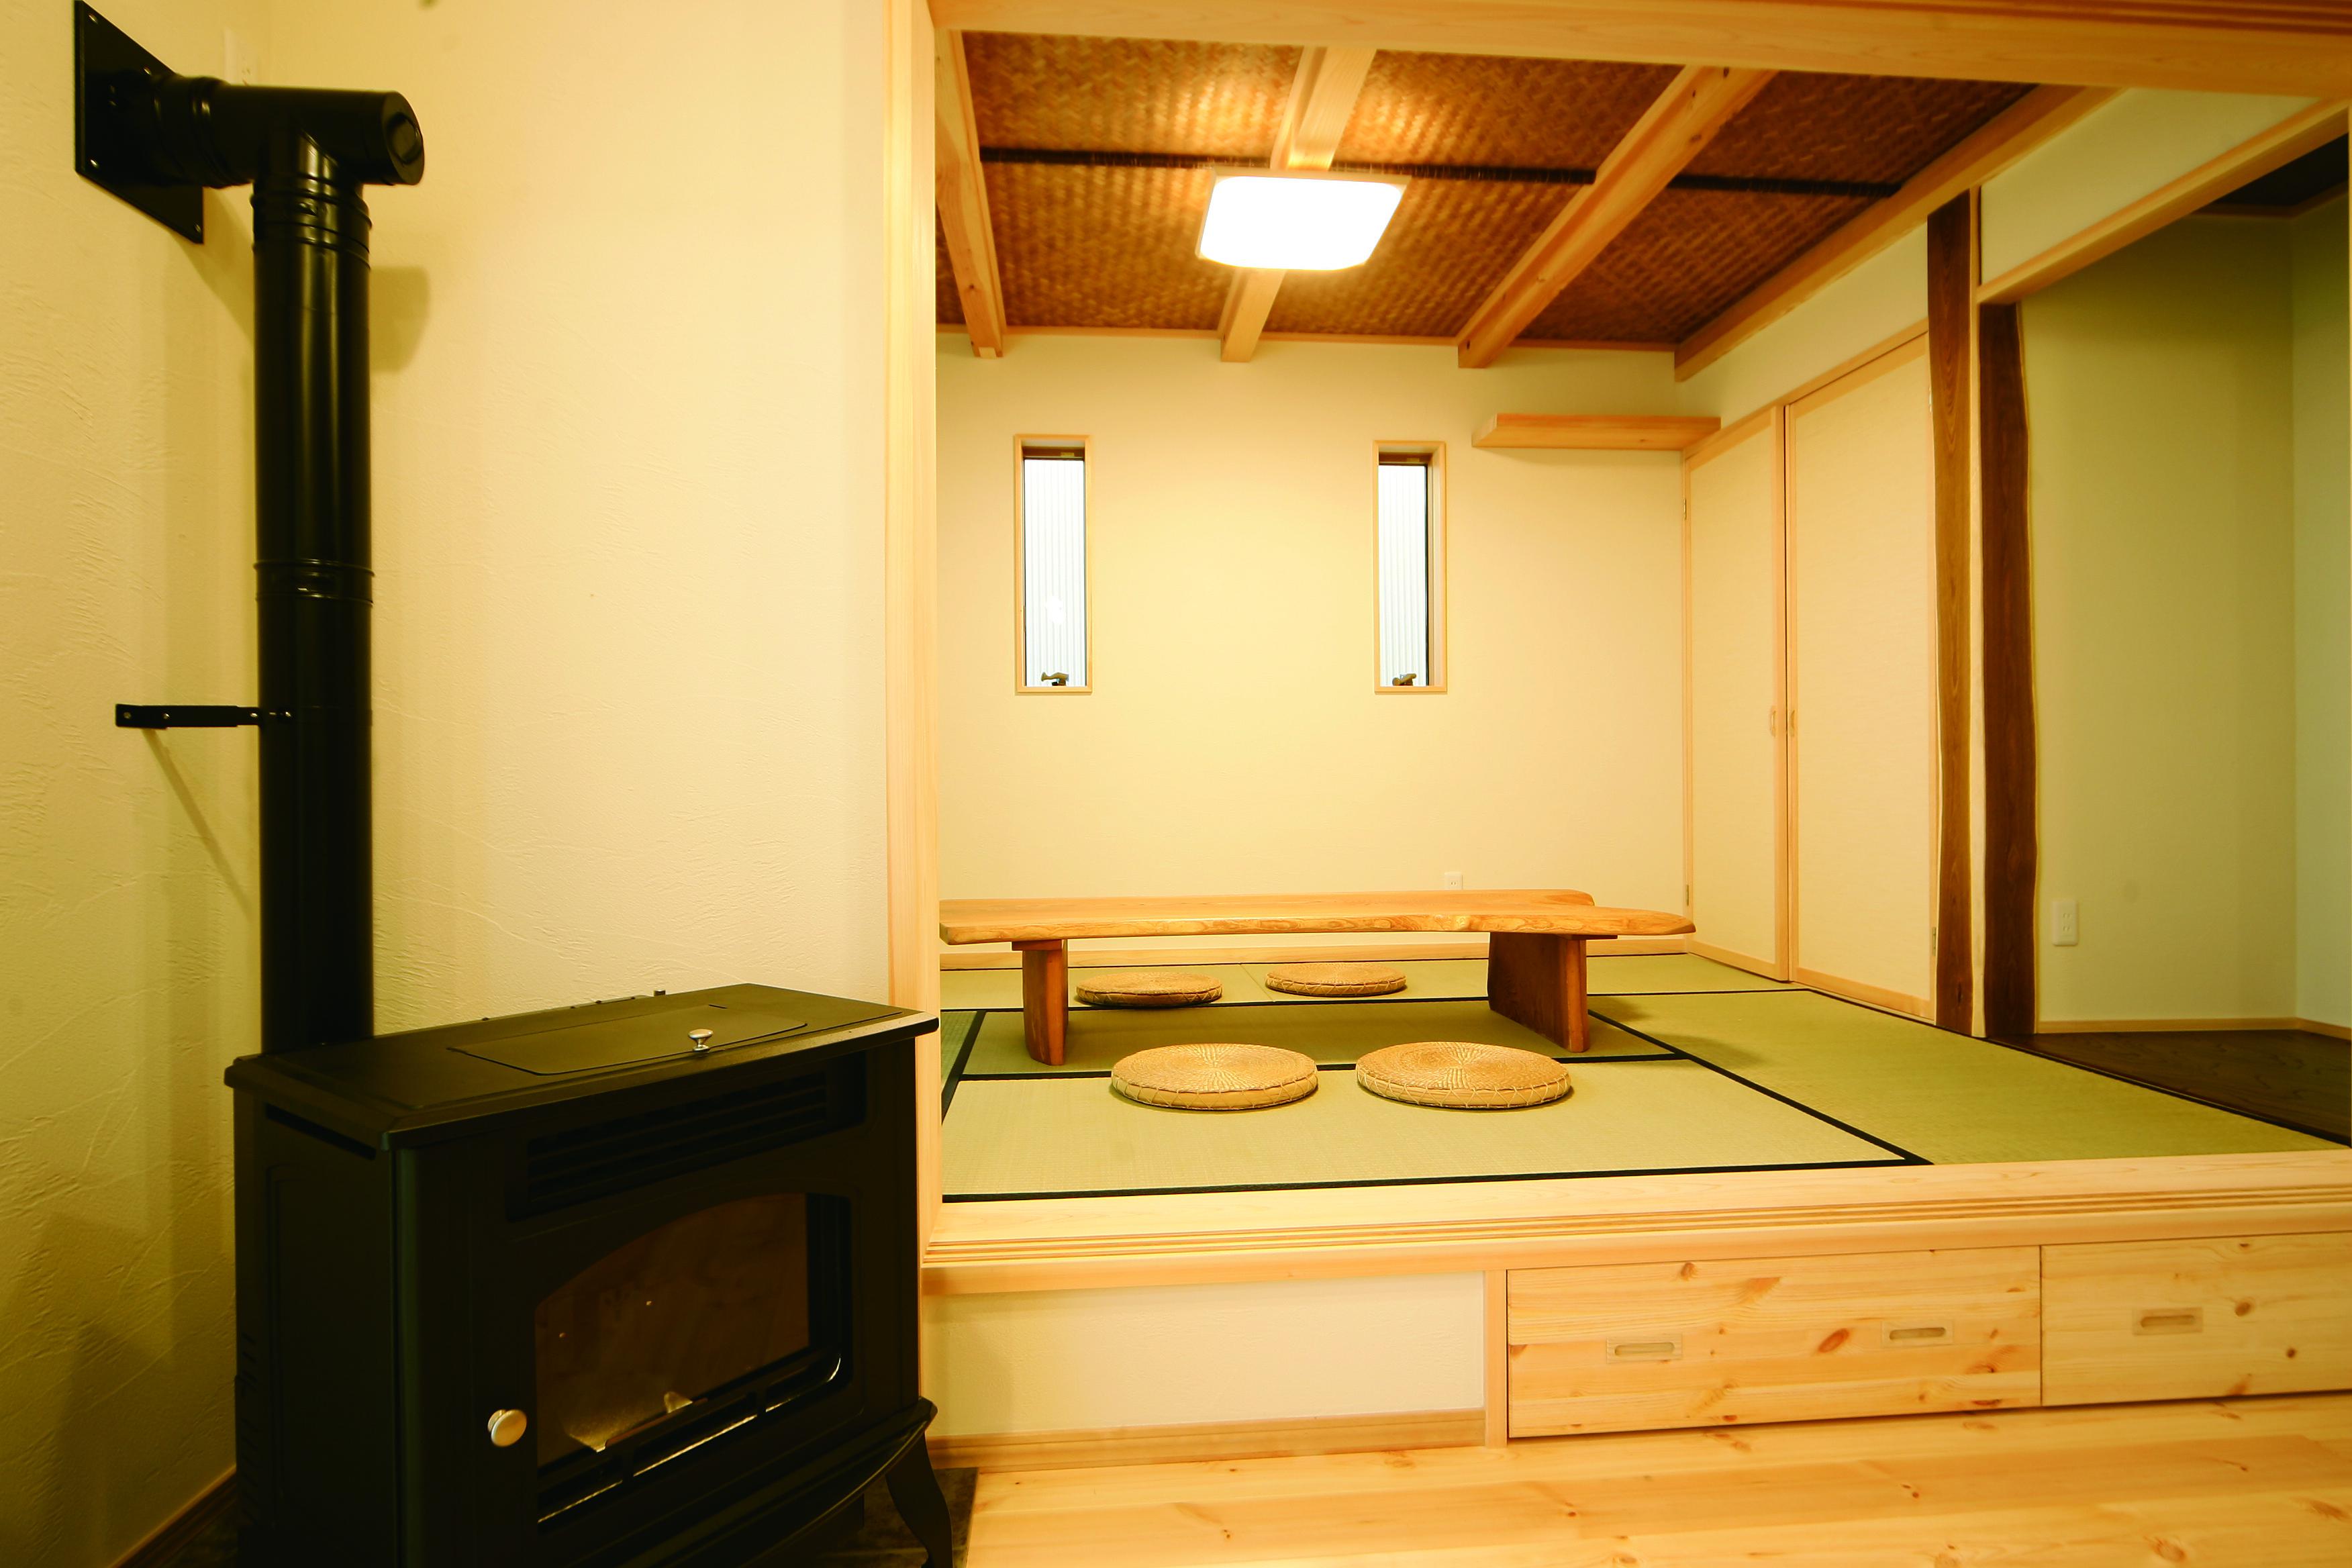 住まいるコーポレーション【和風、自然素材、省エネ】リビングにはペレットストーブを設置し、冬は家中がぽかぽかの暖かさ。和室は数寄屋天井と珪藻土の壁、床柱に縁起の良い延寿(エンジュ)を使用。本格的な和の空間が癒しを与えてくれる